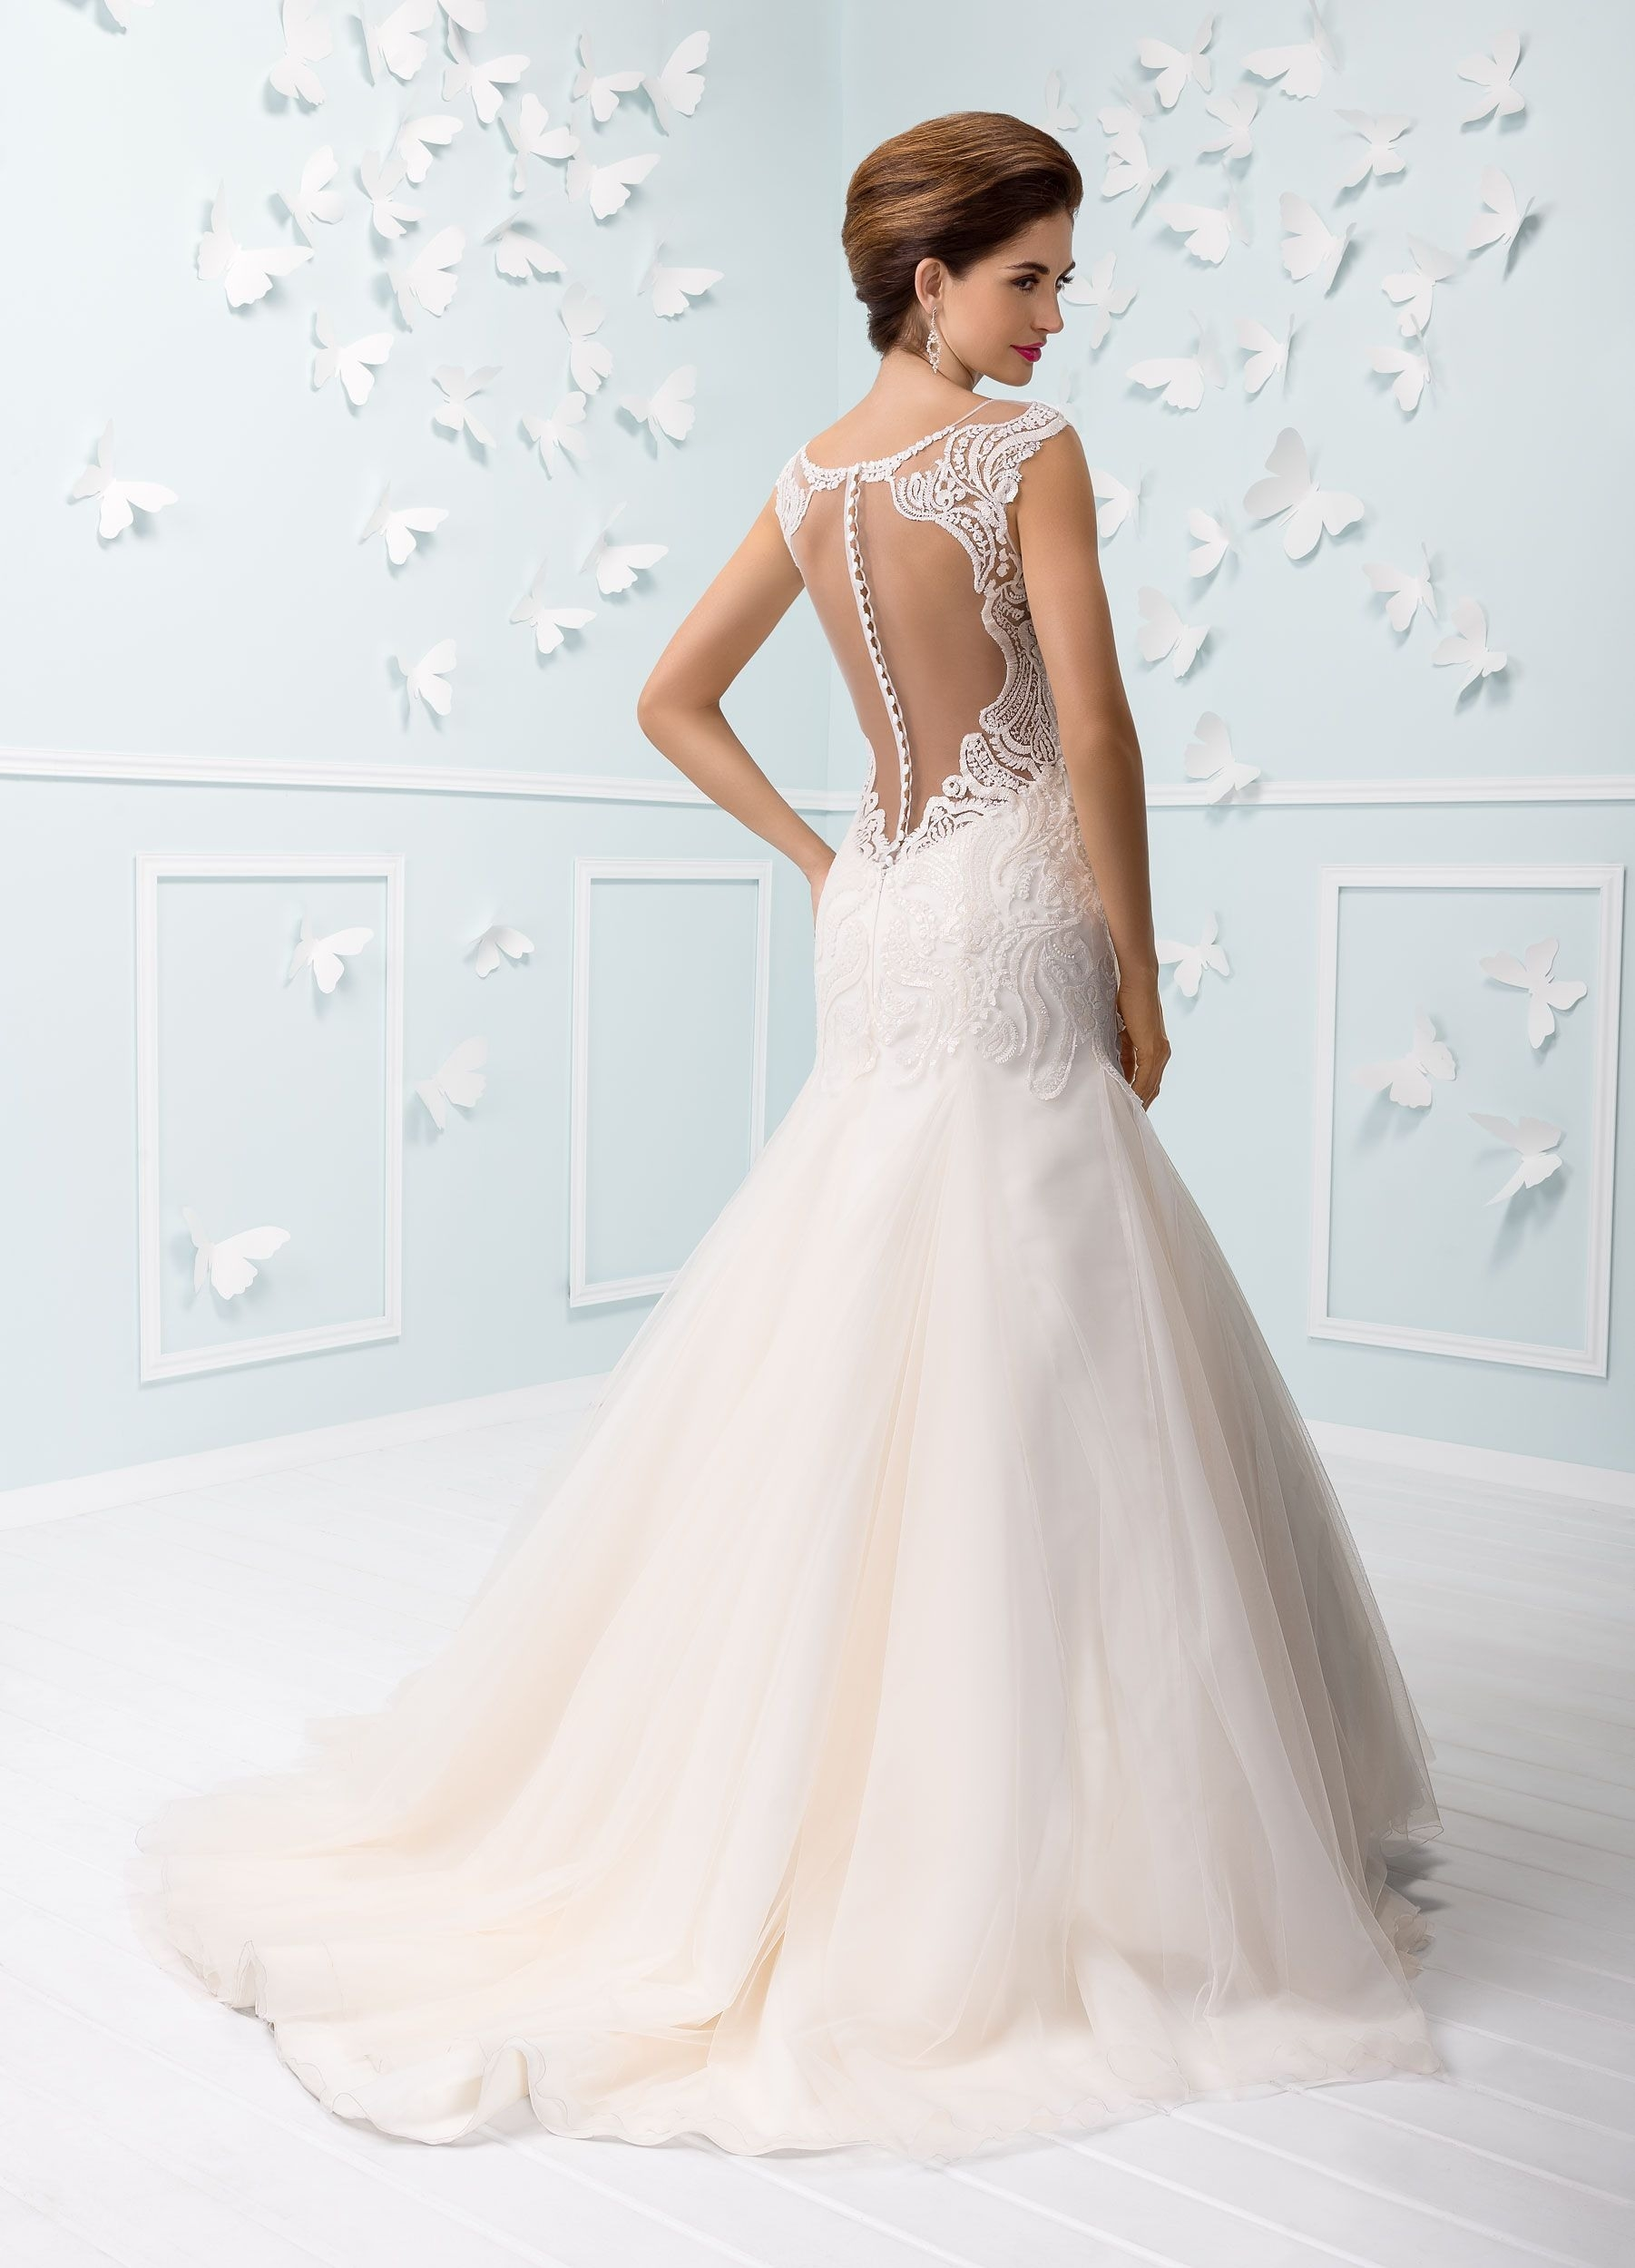 15 Luxurius Brautkleider Mode GalerieFormal Einfach Brautkleider Mode Vertrieb